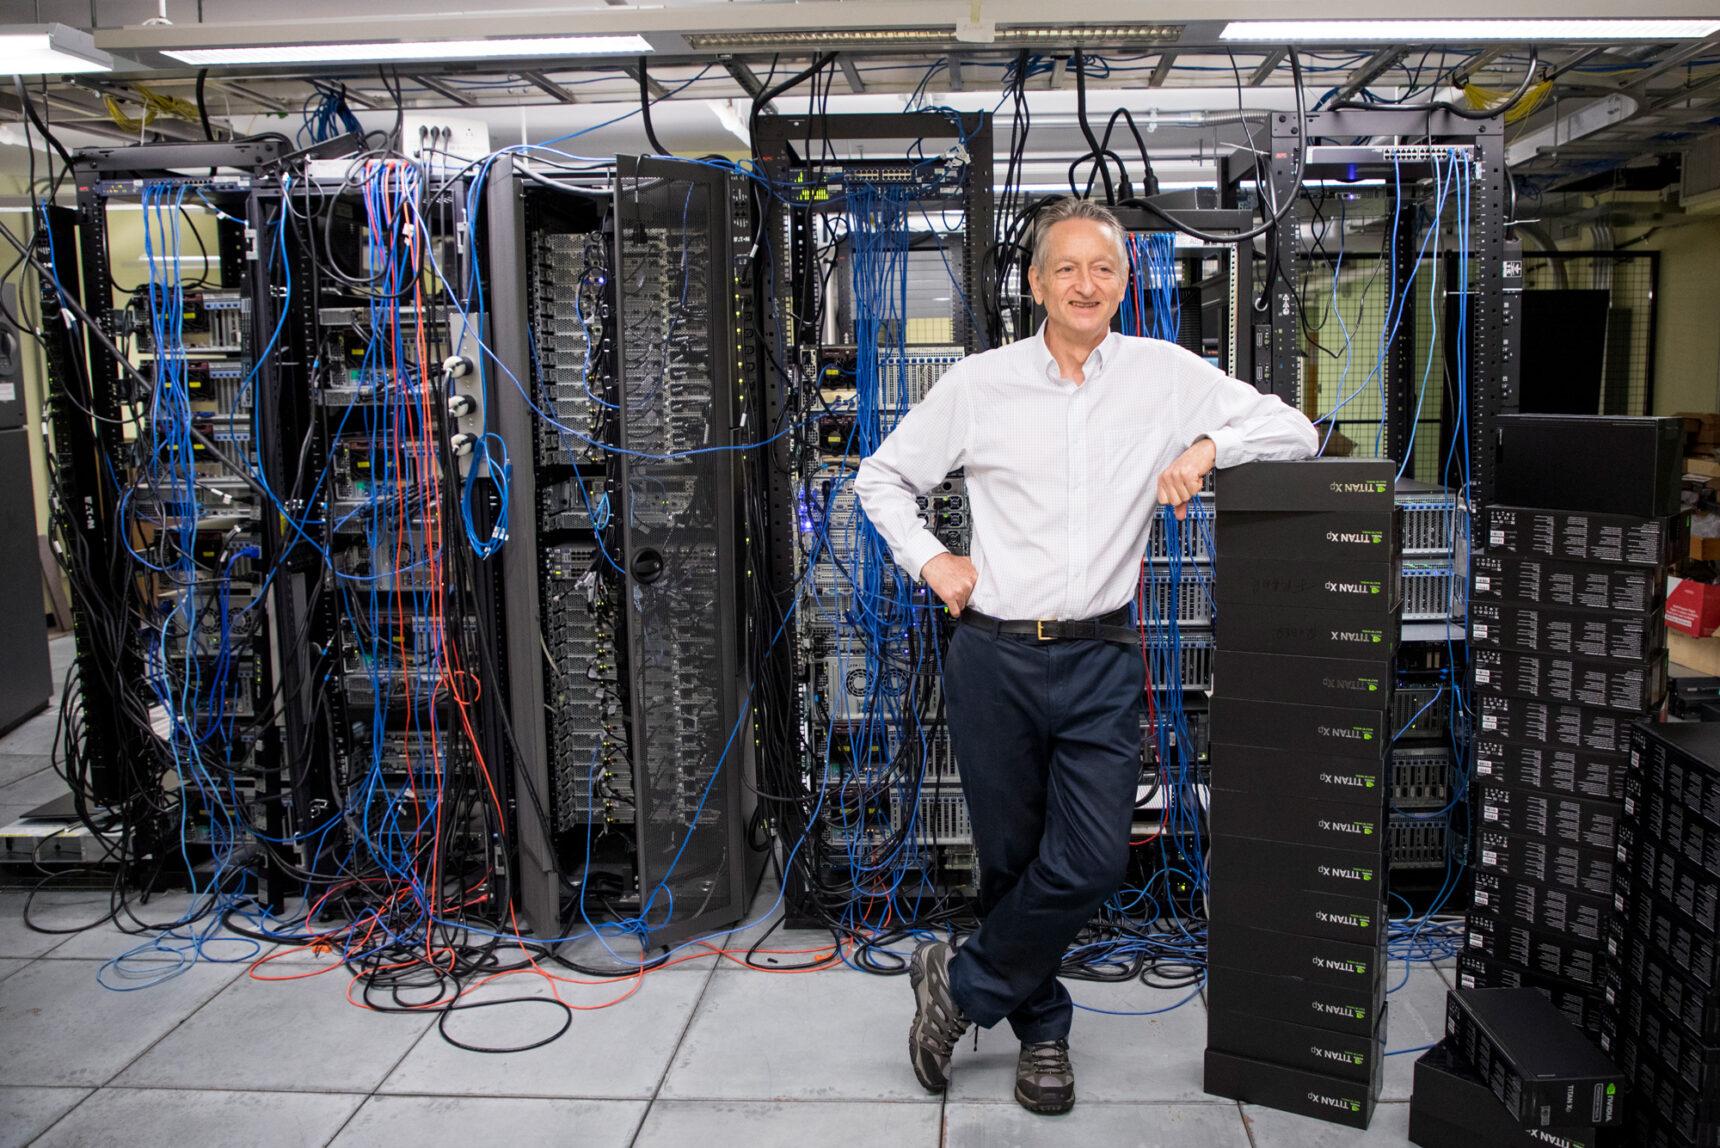 Foto de Geoffrey Hinton de la Universidad de Toronto en su laboratorio de informática.